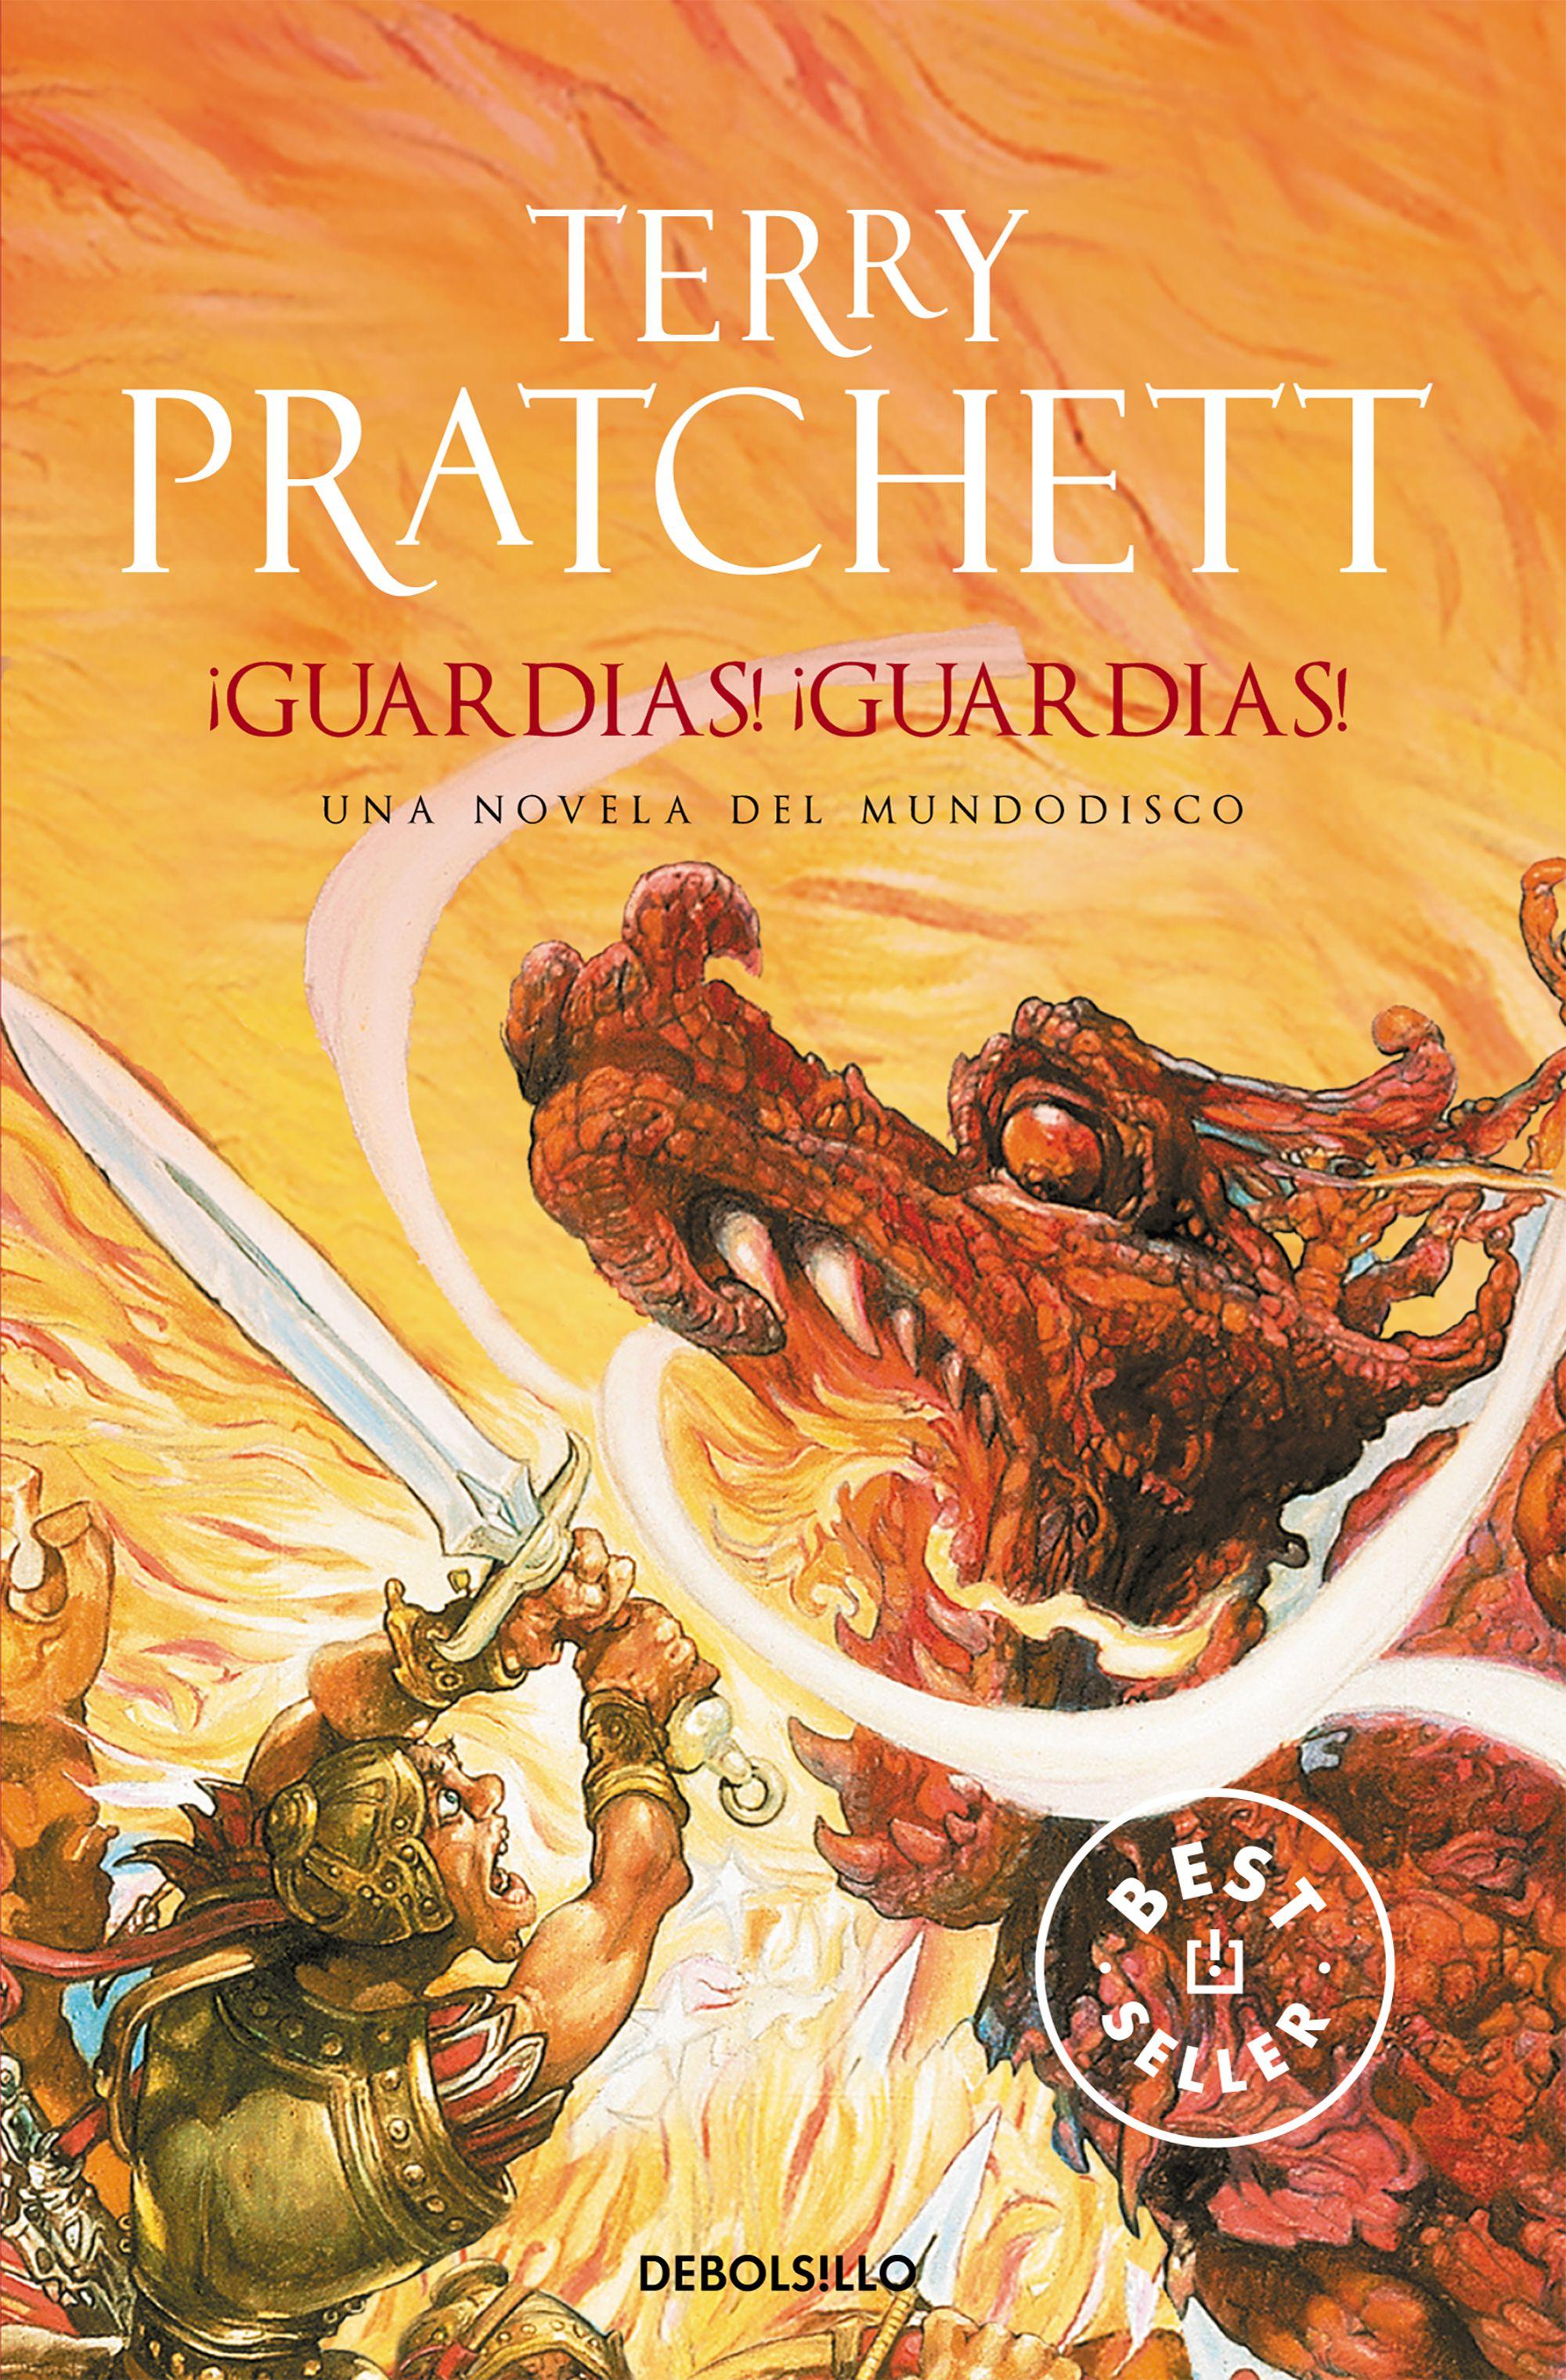 Resultado de imagen de Â¡Guardias! Â¿Guardias?, de Terry Pratchett